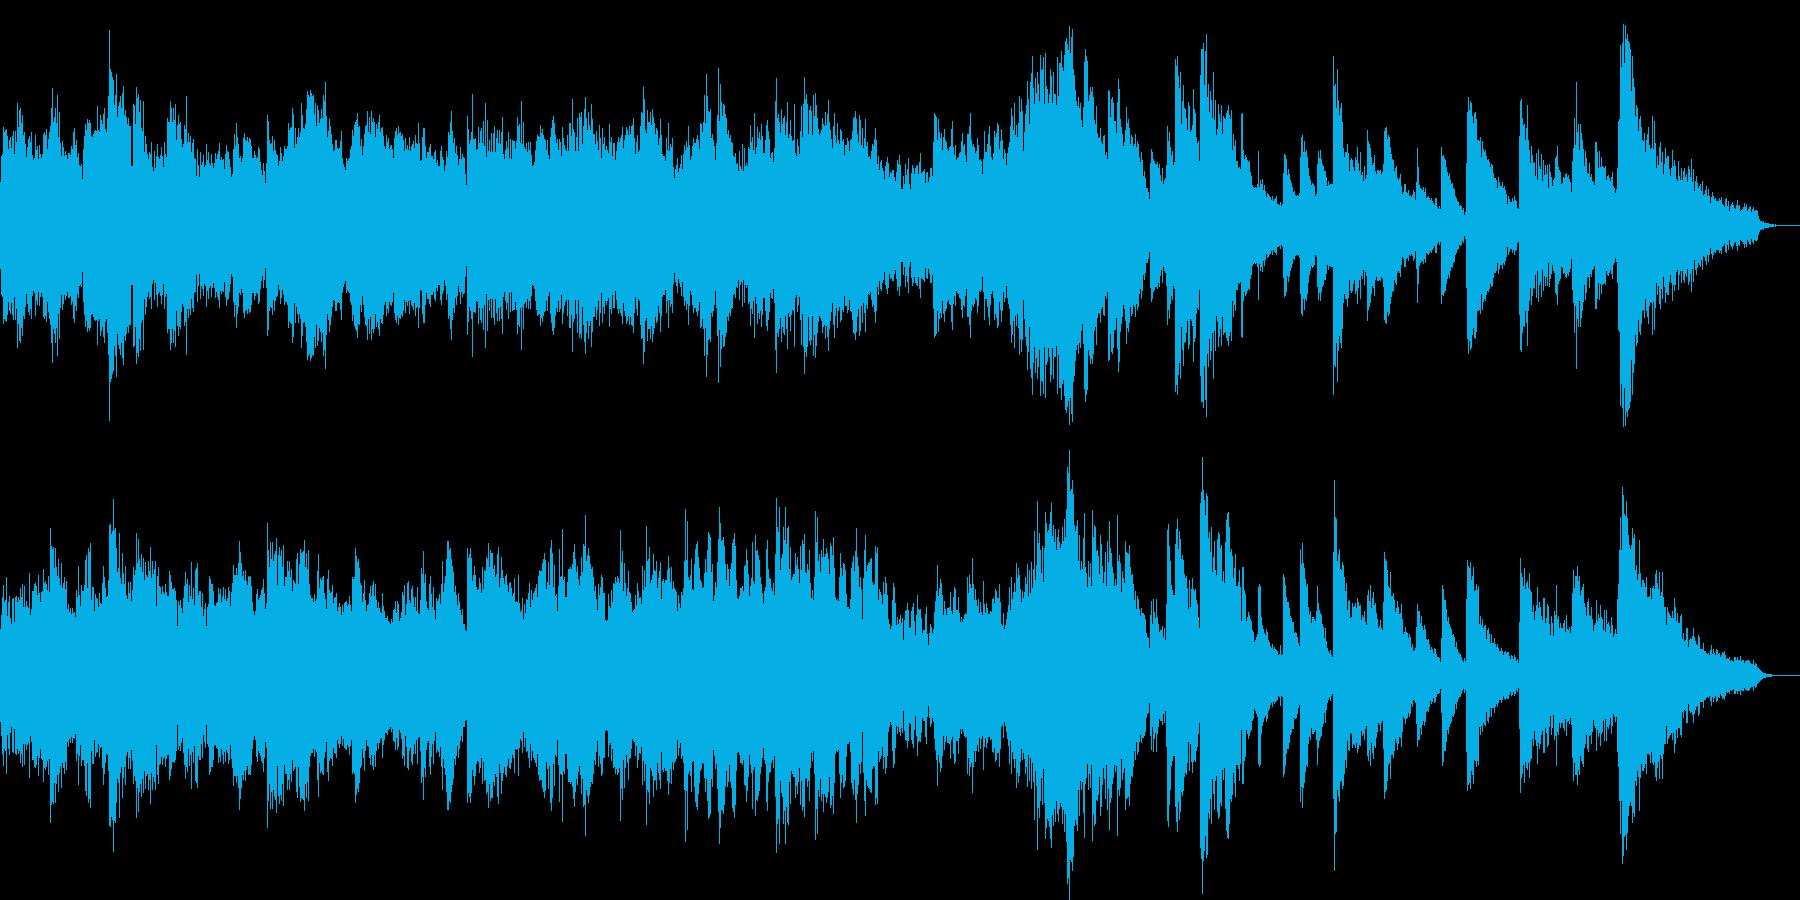 優しい雰囲気のポップス(30sec)の再生済みの波形